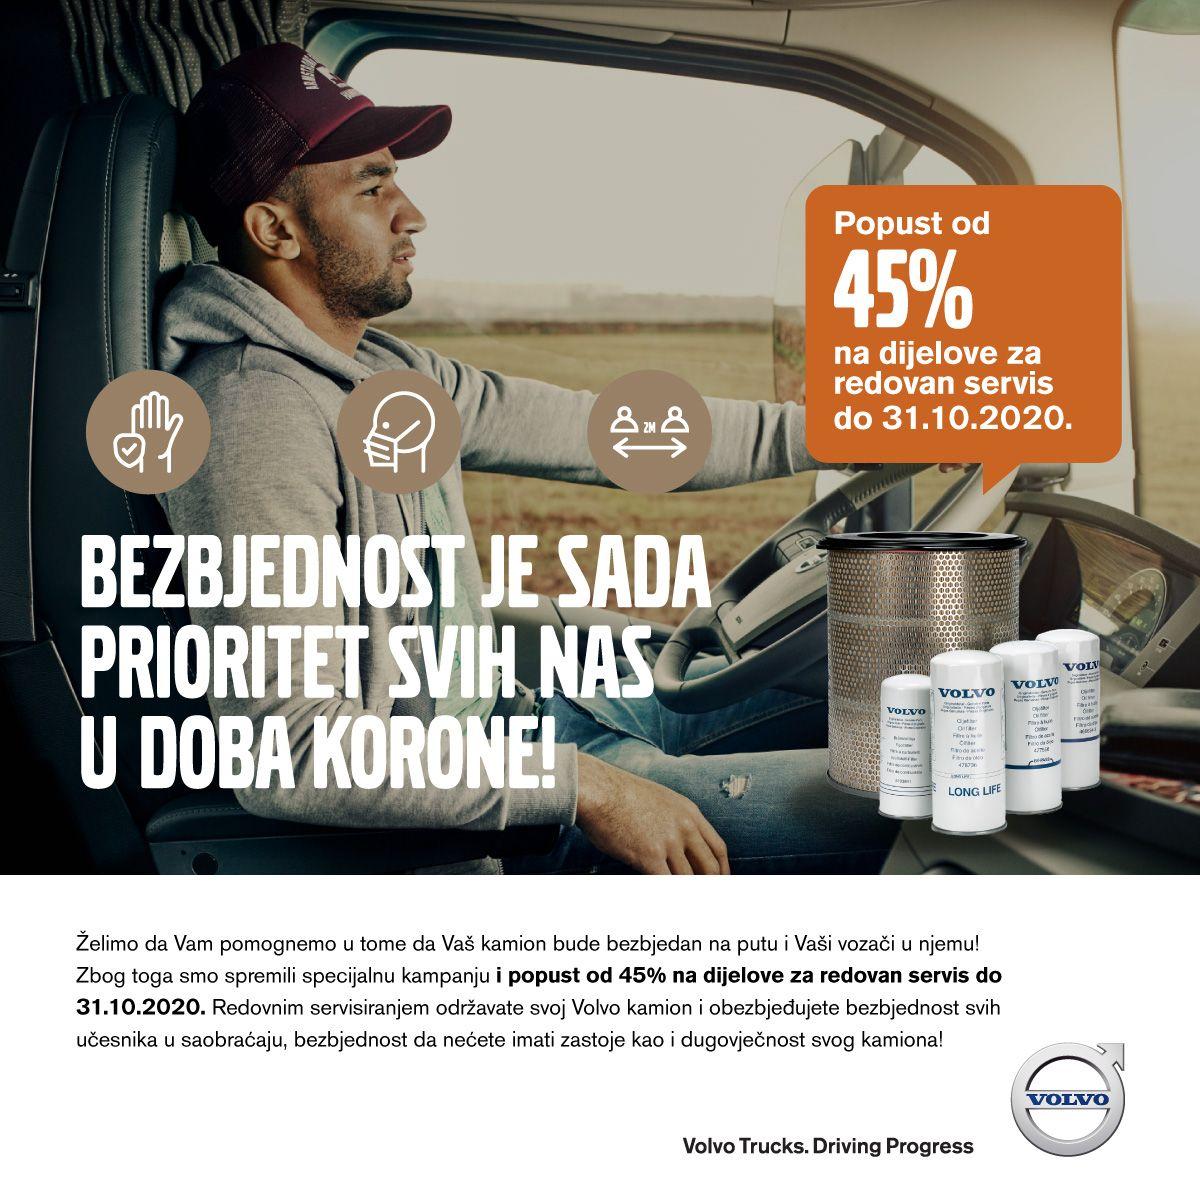 Volvo Trucks u BiH na delove za redovan servis odobrava popust do 45 posto